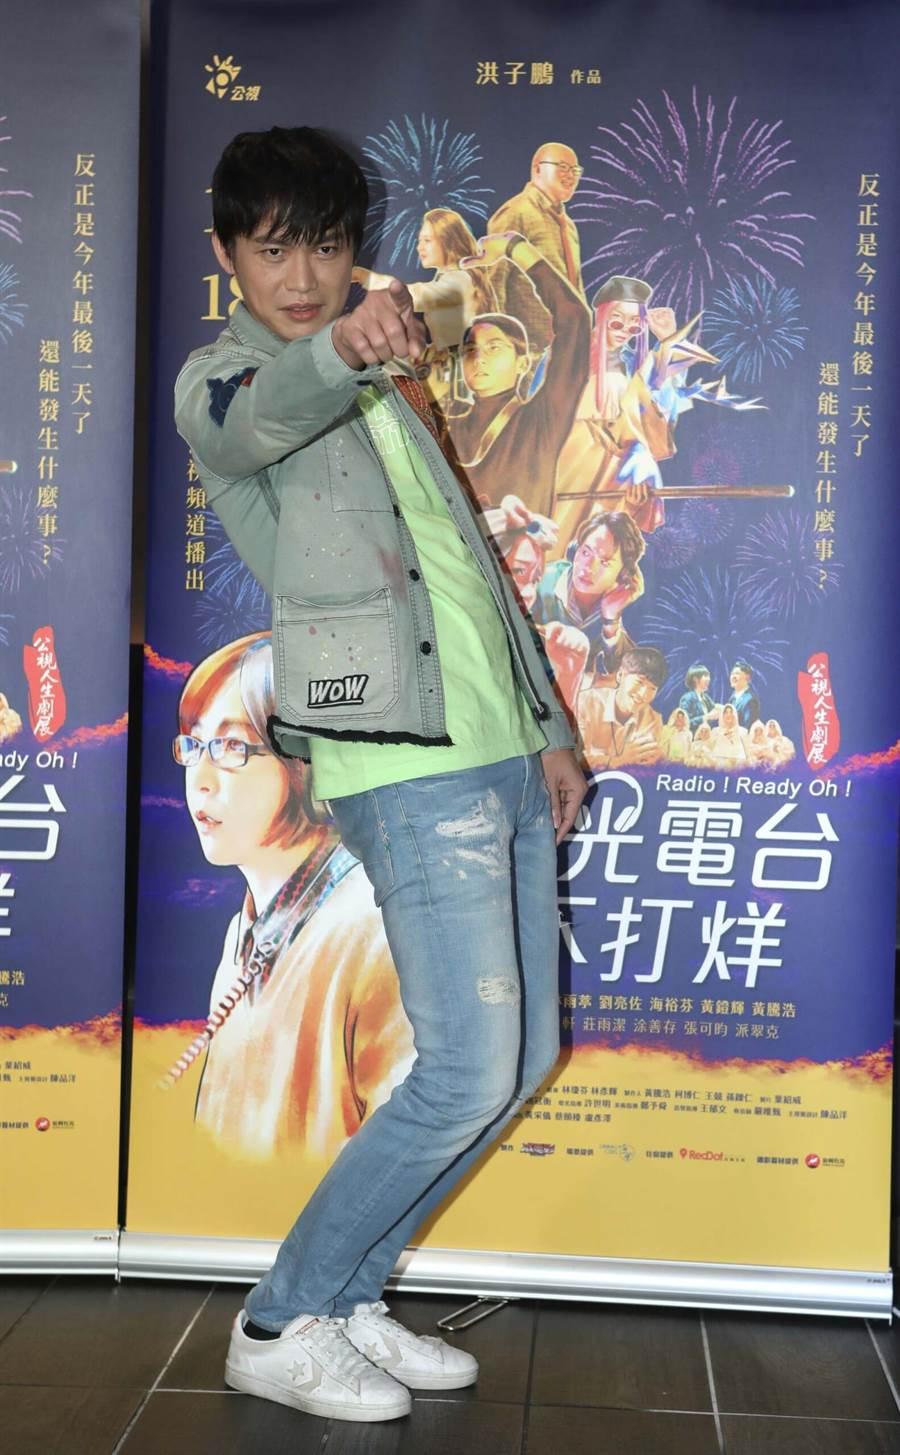 黃鐙輝在公視人生劇展《陽光電台不打烊》飾演電台台柱。(公視提供)